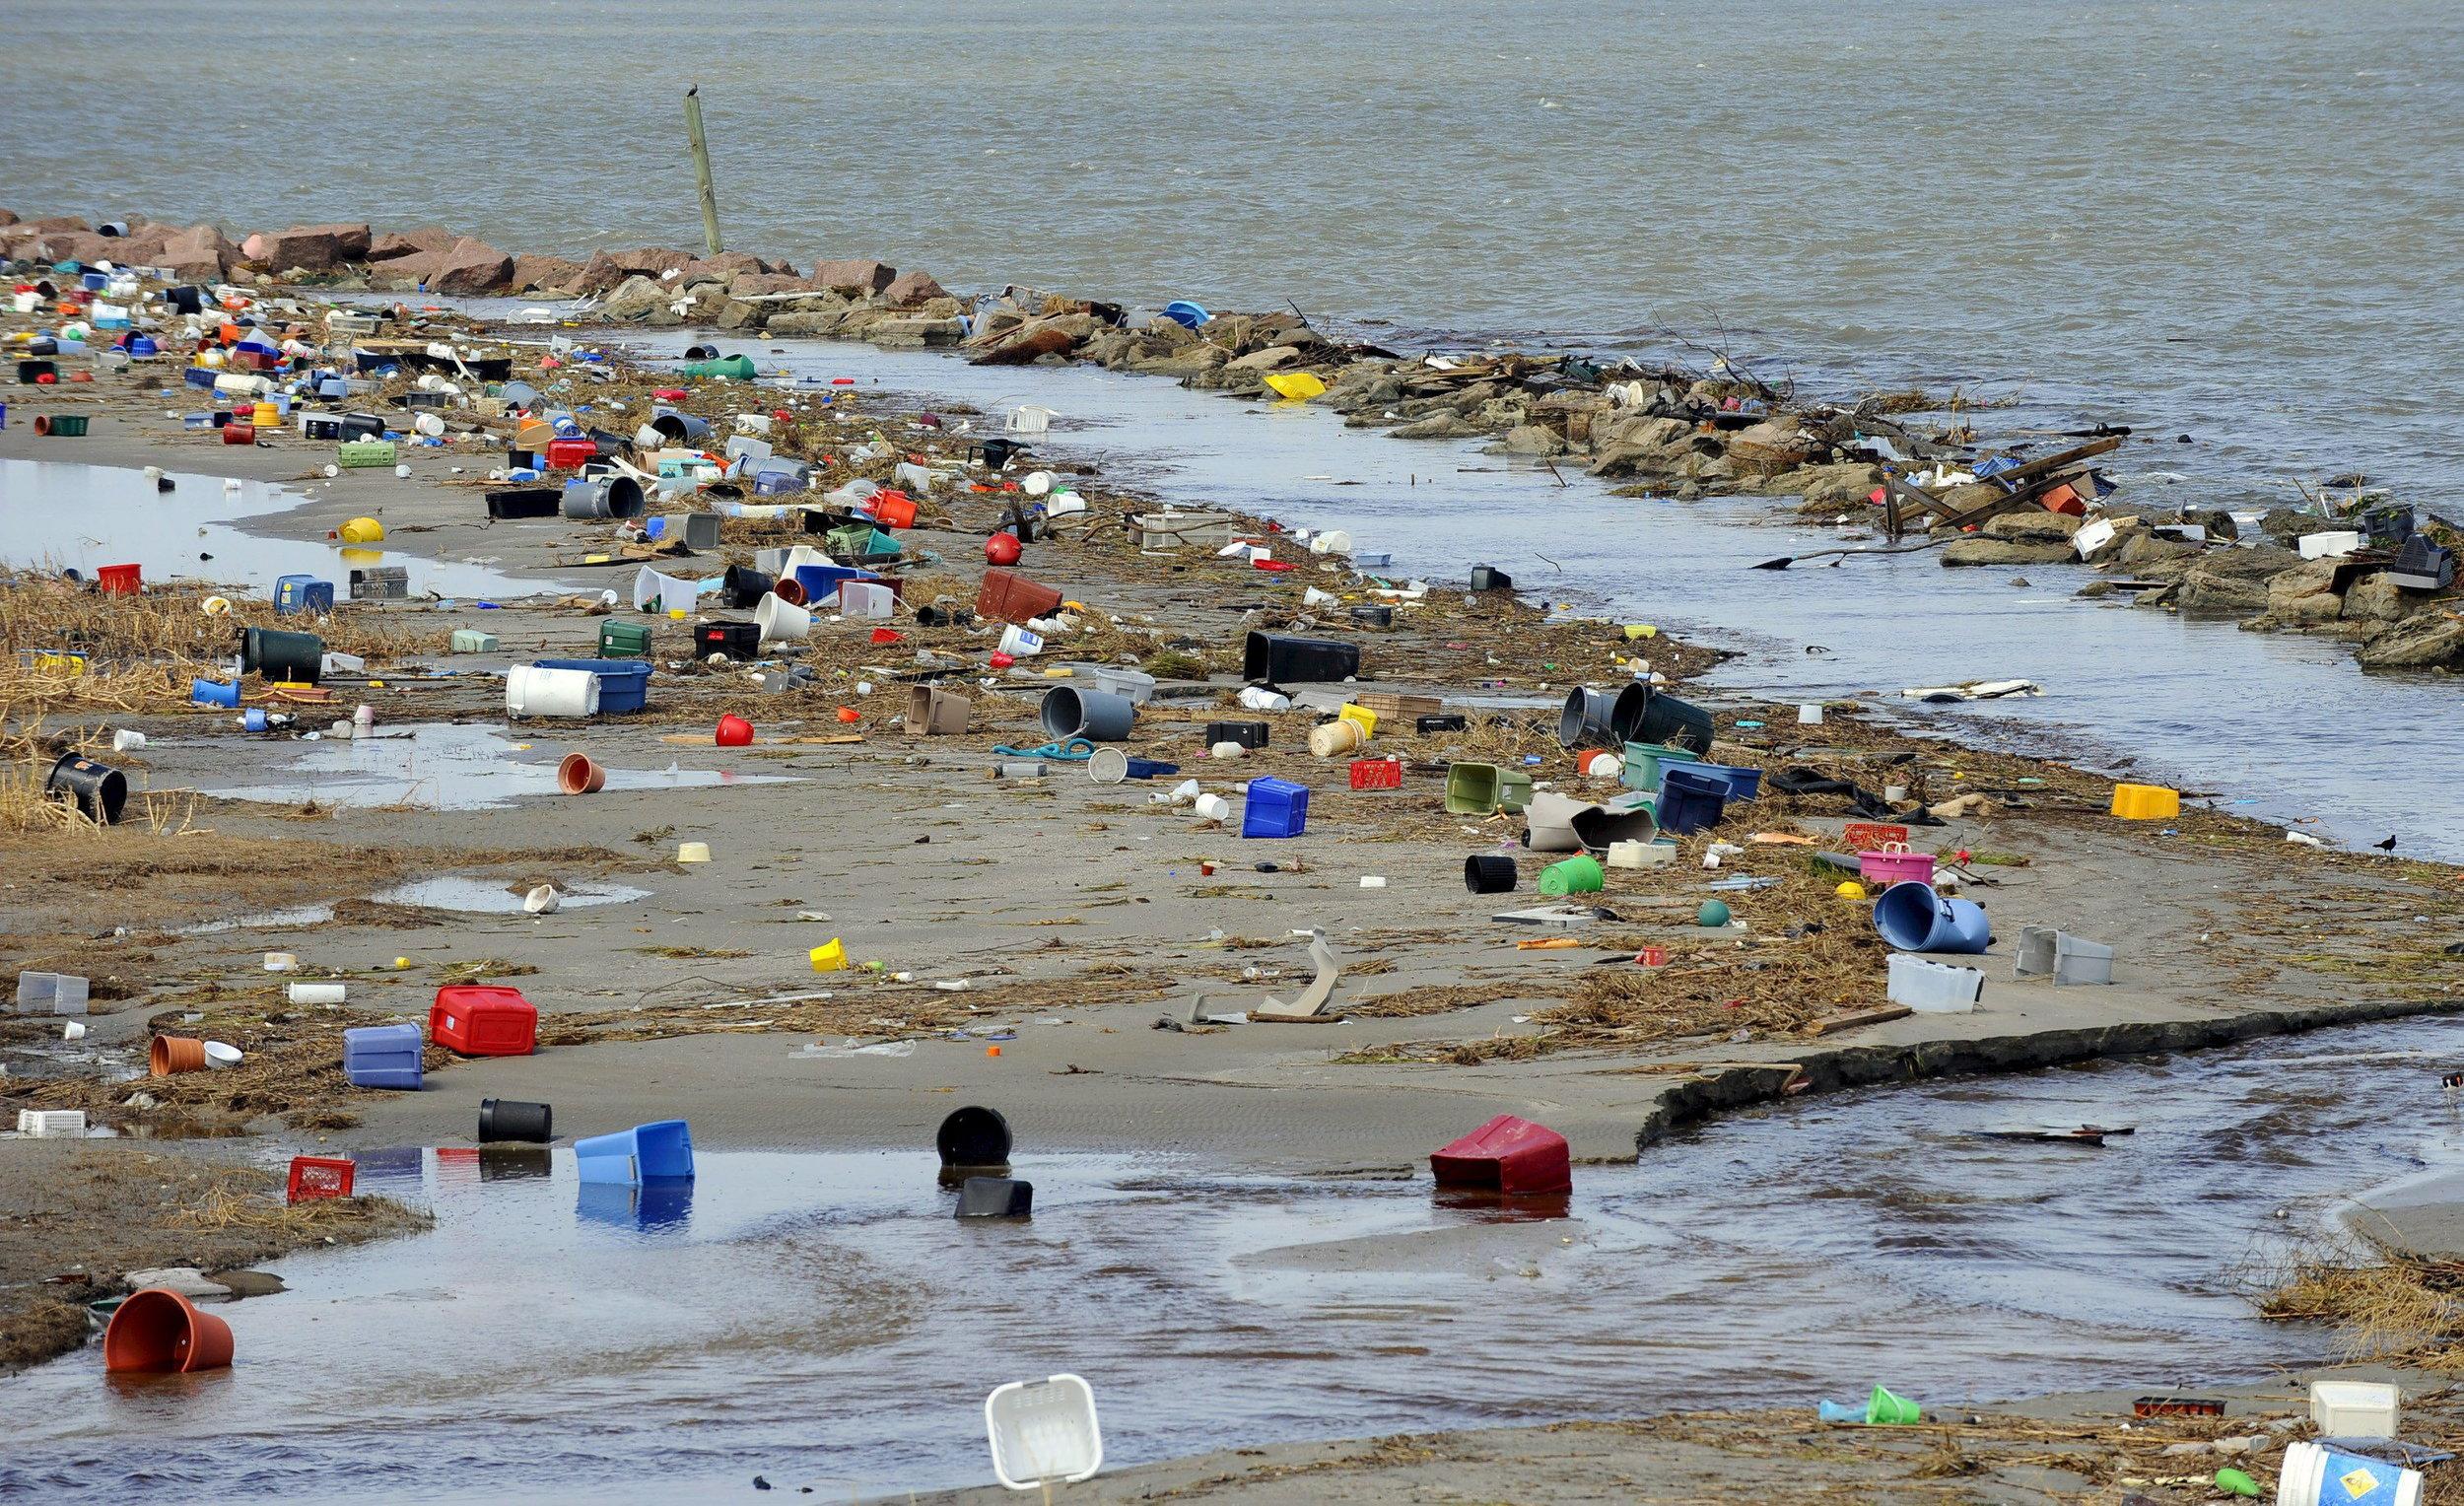 Océanos y playas de plástico creados por falta de educación de seres humanos irrespetuosos del medio ambiente